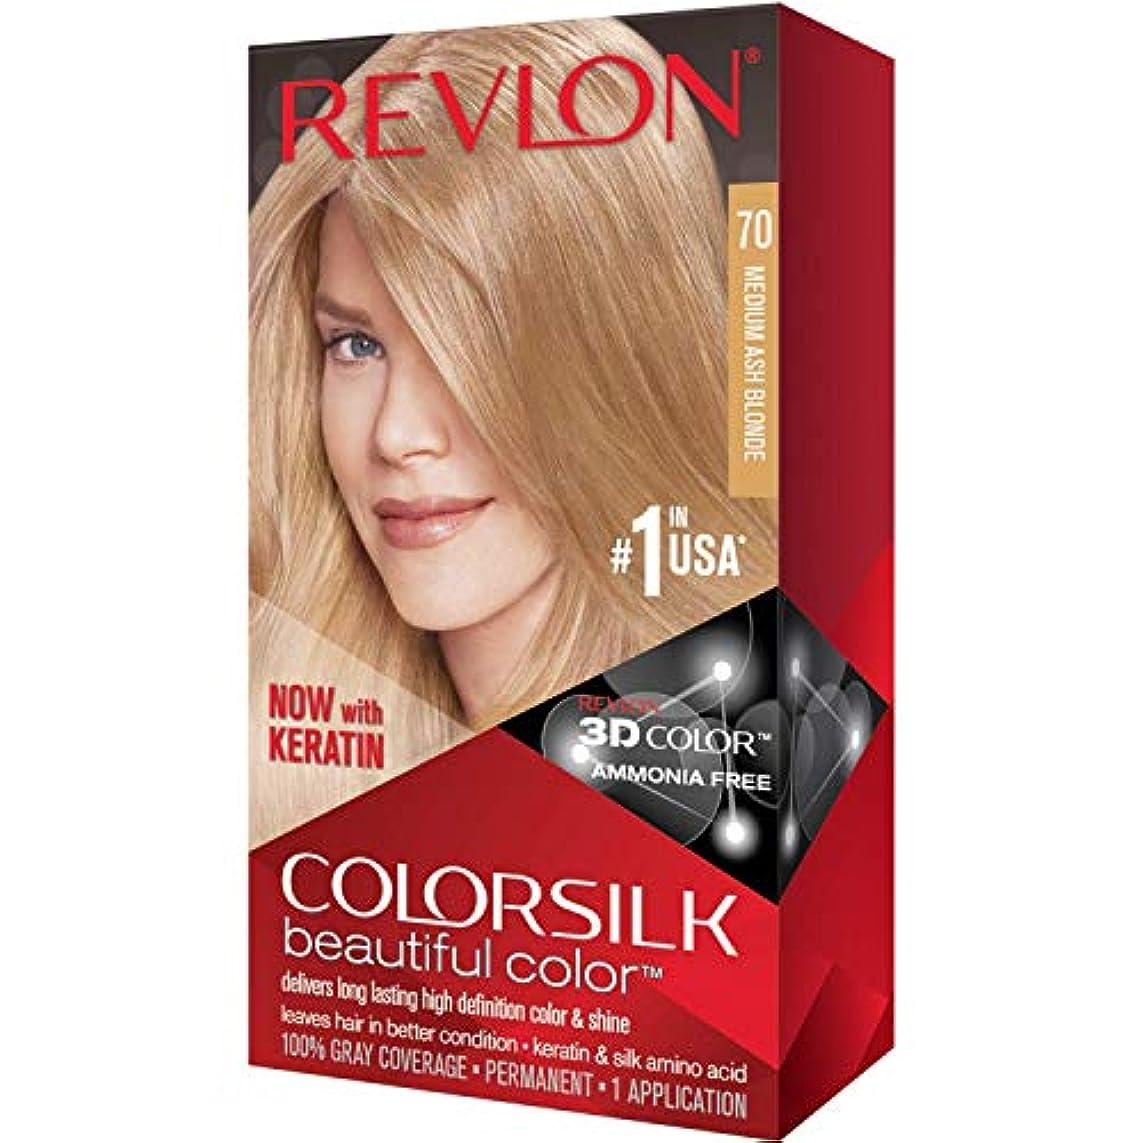 ソビエト眼突き刺す海外直送品Revlon Colorsilk Natural Hair Color, 7A Medium Ash Blonde each by Revlon